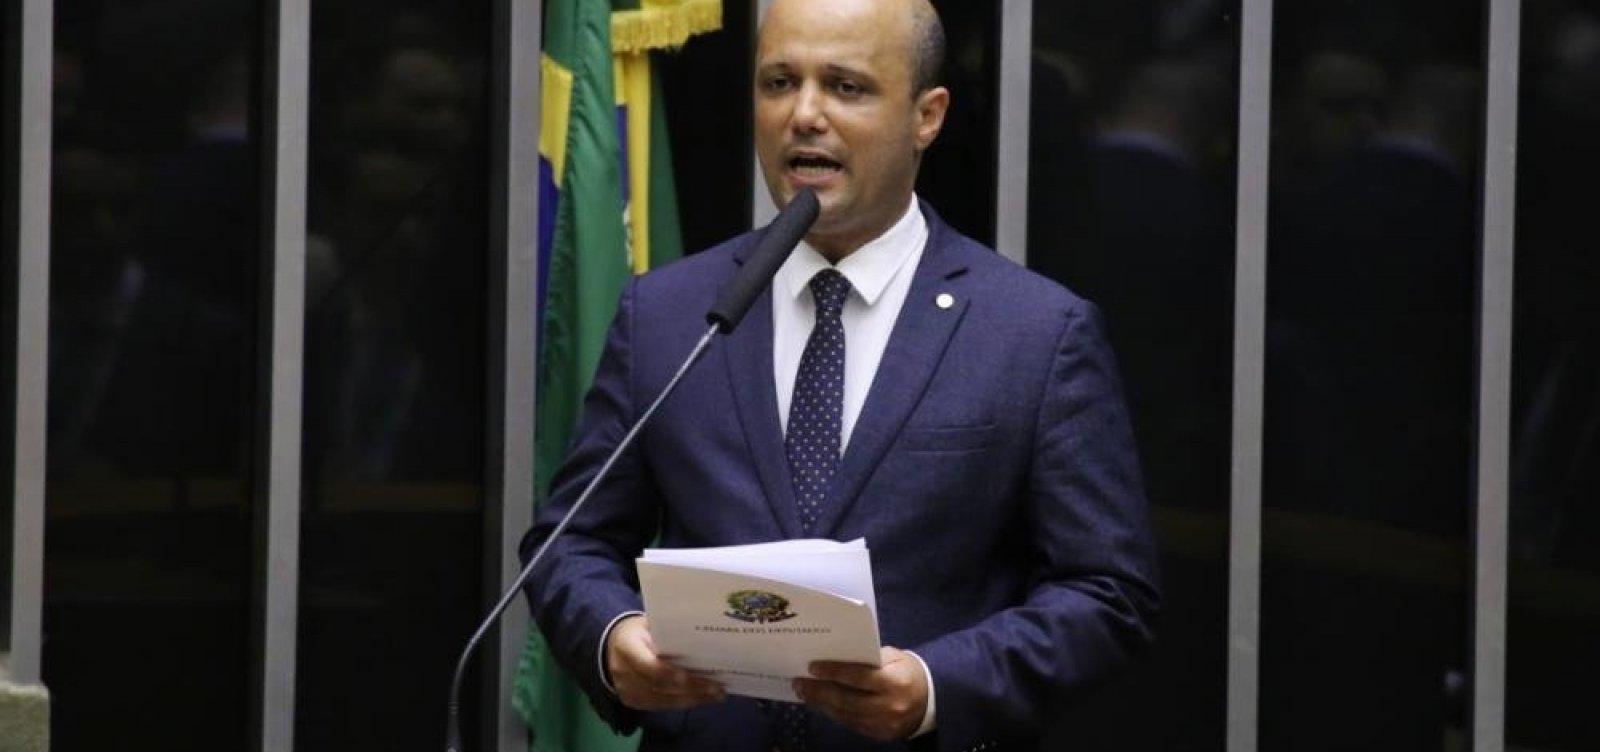 Líder do governo na Câmara diz que vai votar a favor de proposta para prisão após 2ª instância